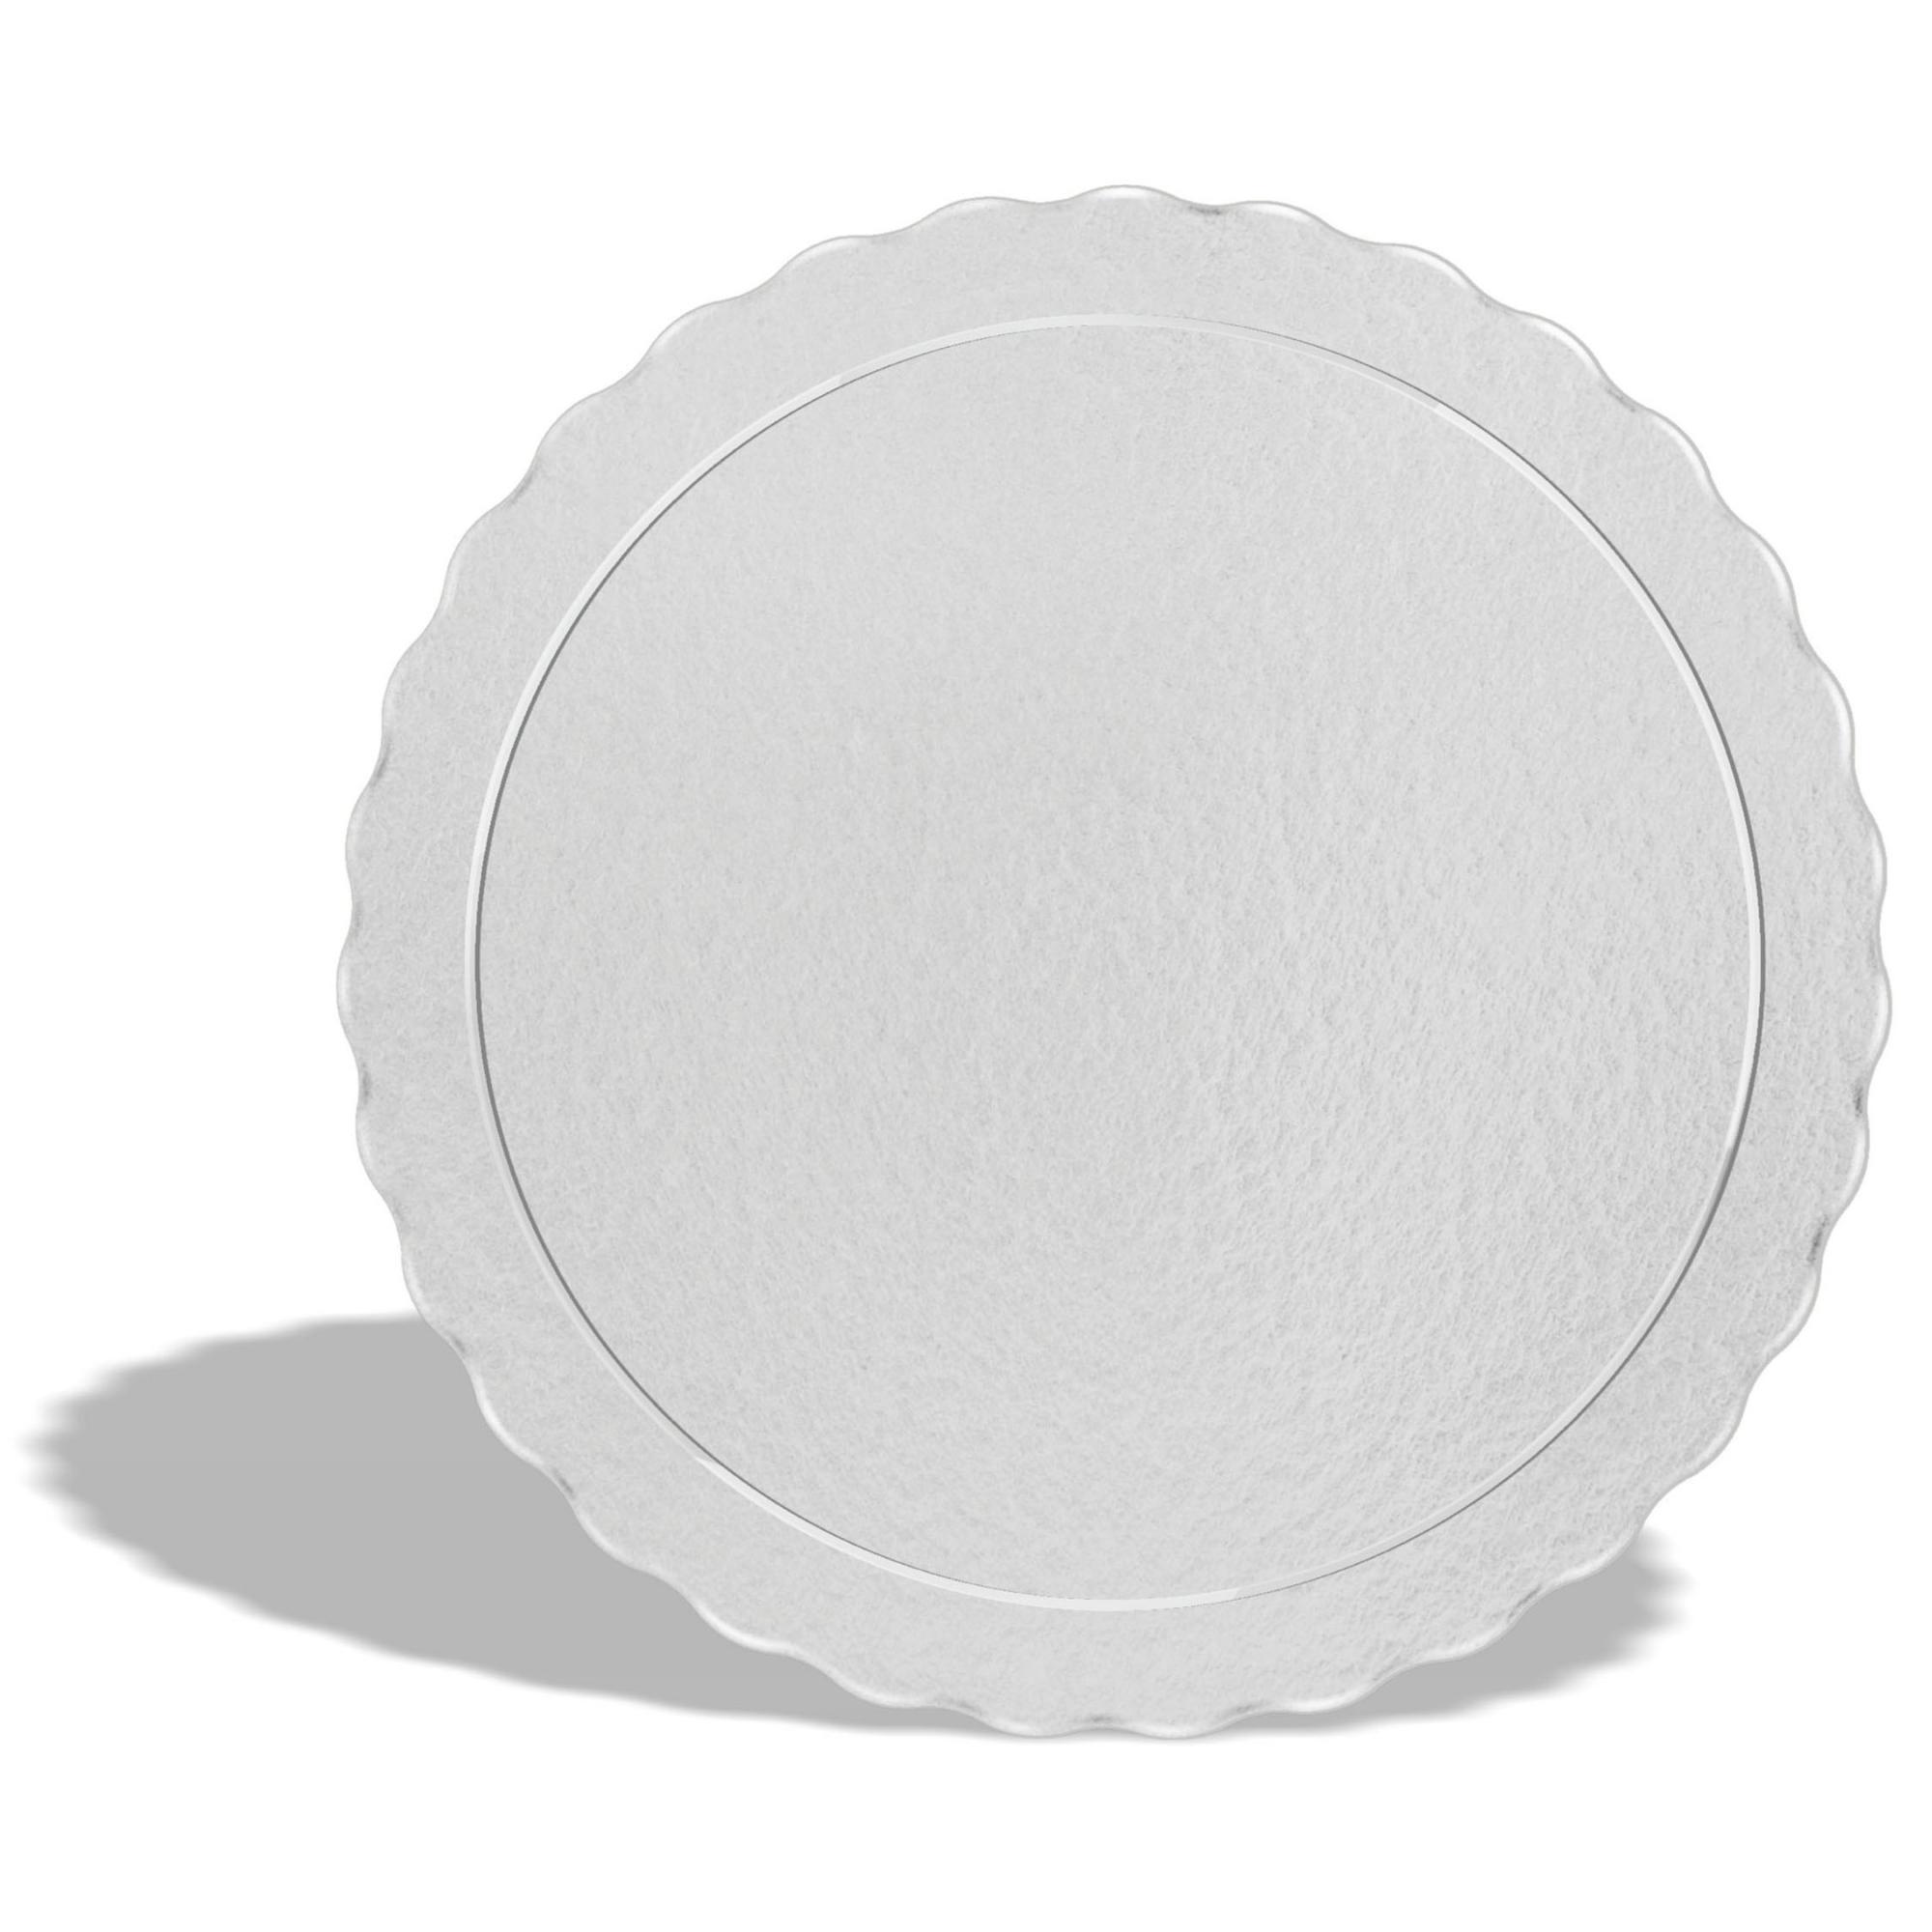 Kit 100 Bases Laminadas Para Bolo, Cake Board, 15, 20 e 25cm - Branco